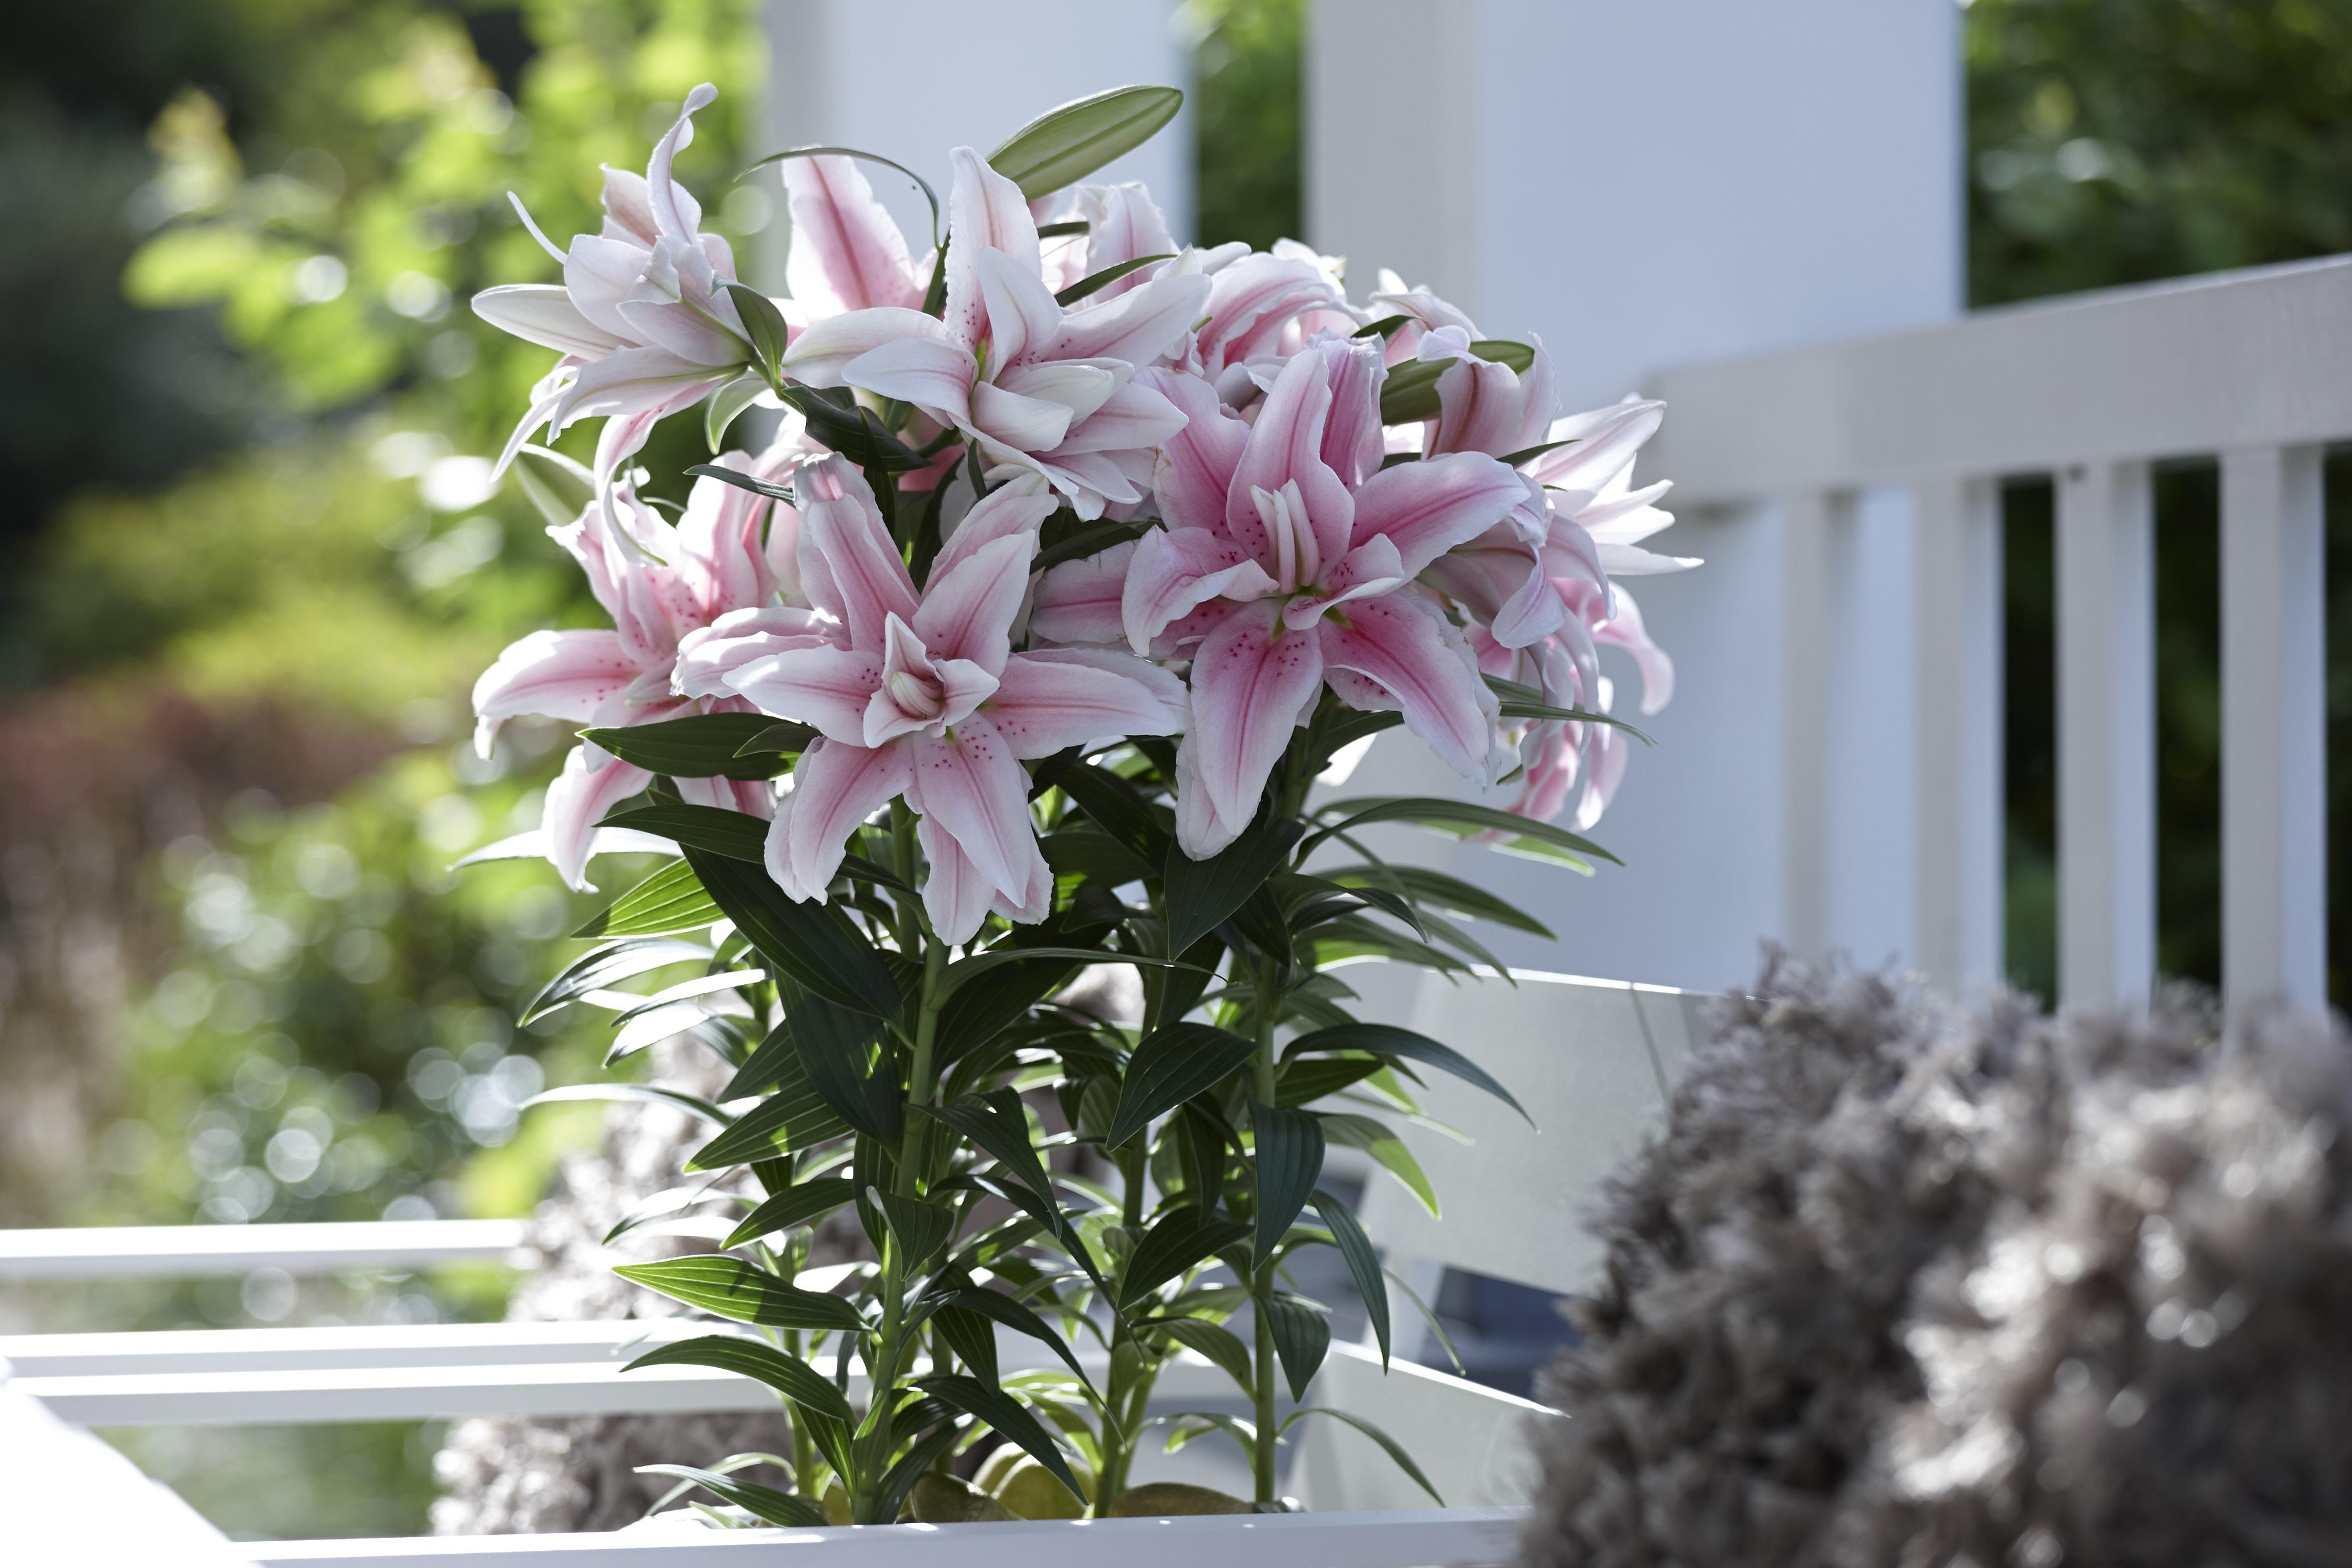 Gėlės nuotrauka. (Pavadinimas: Lelija)